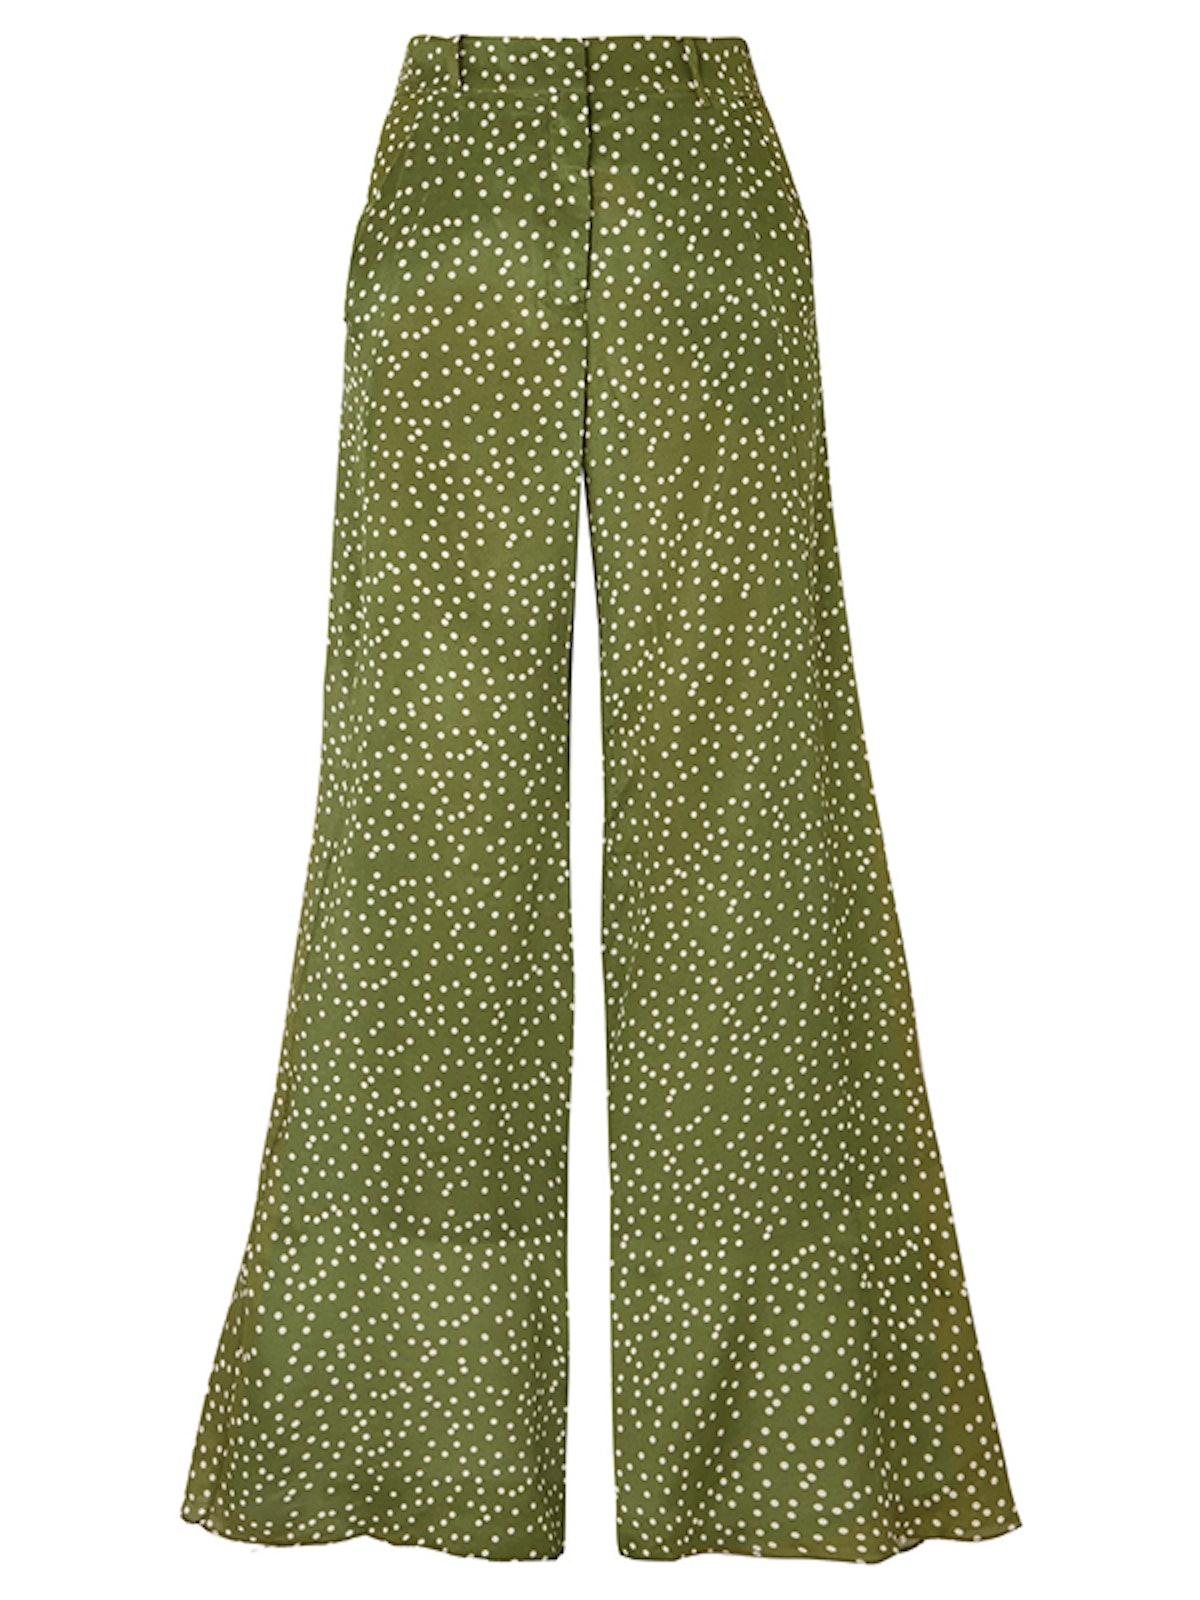 Millie Punti Polka-Dot Silk Crepe De Chine Wide-Leg Pants